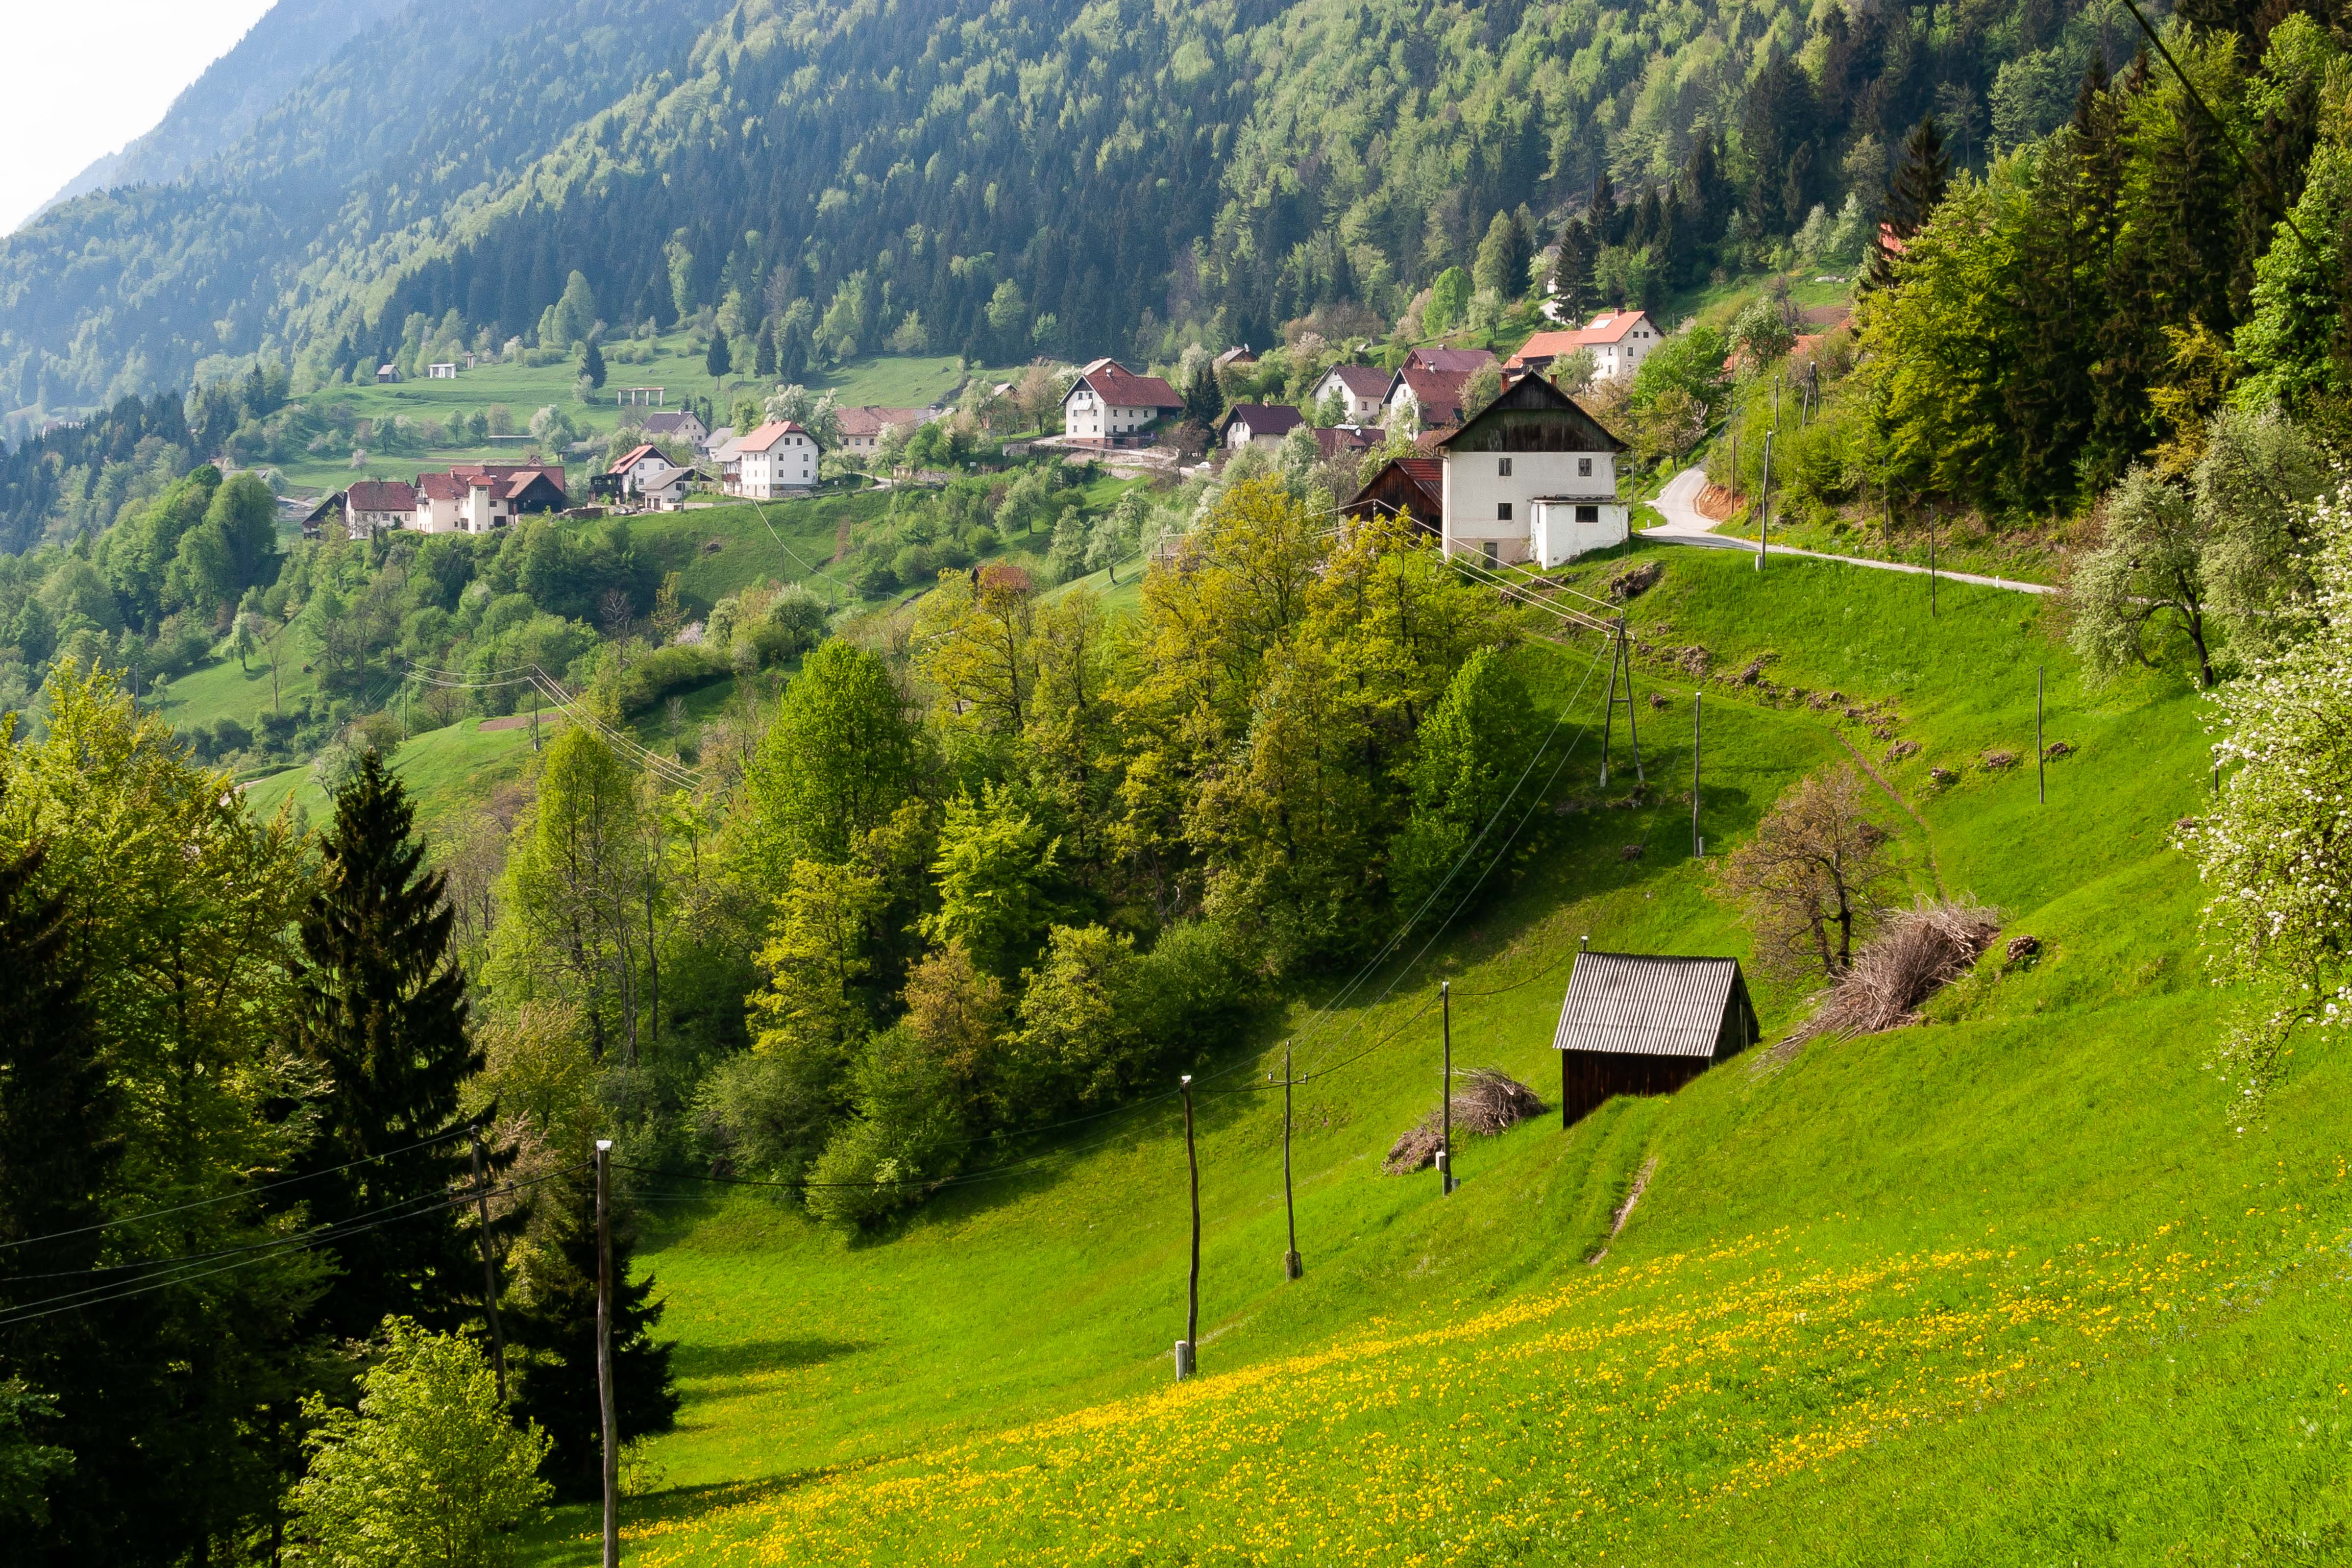 Slovenia, Zelezniki Prov, Village, 2006, IMG 6294